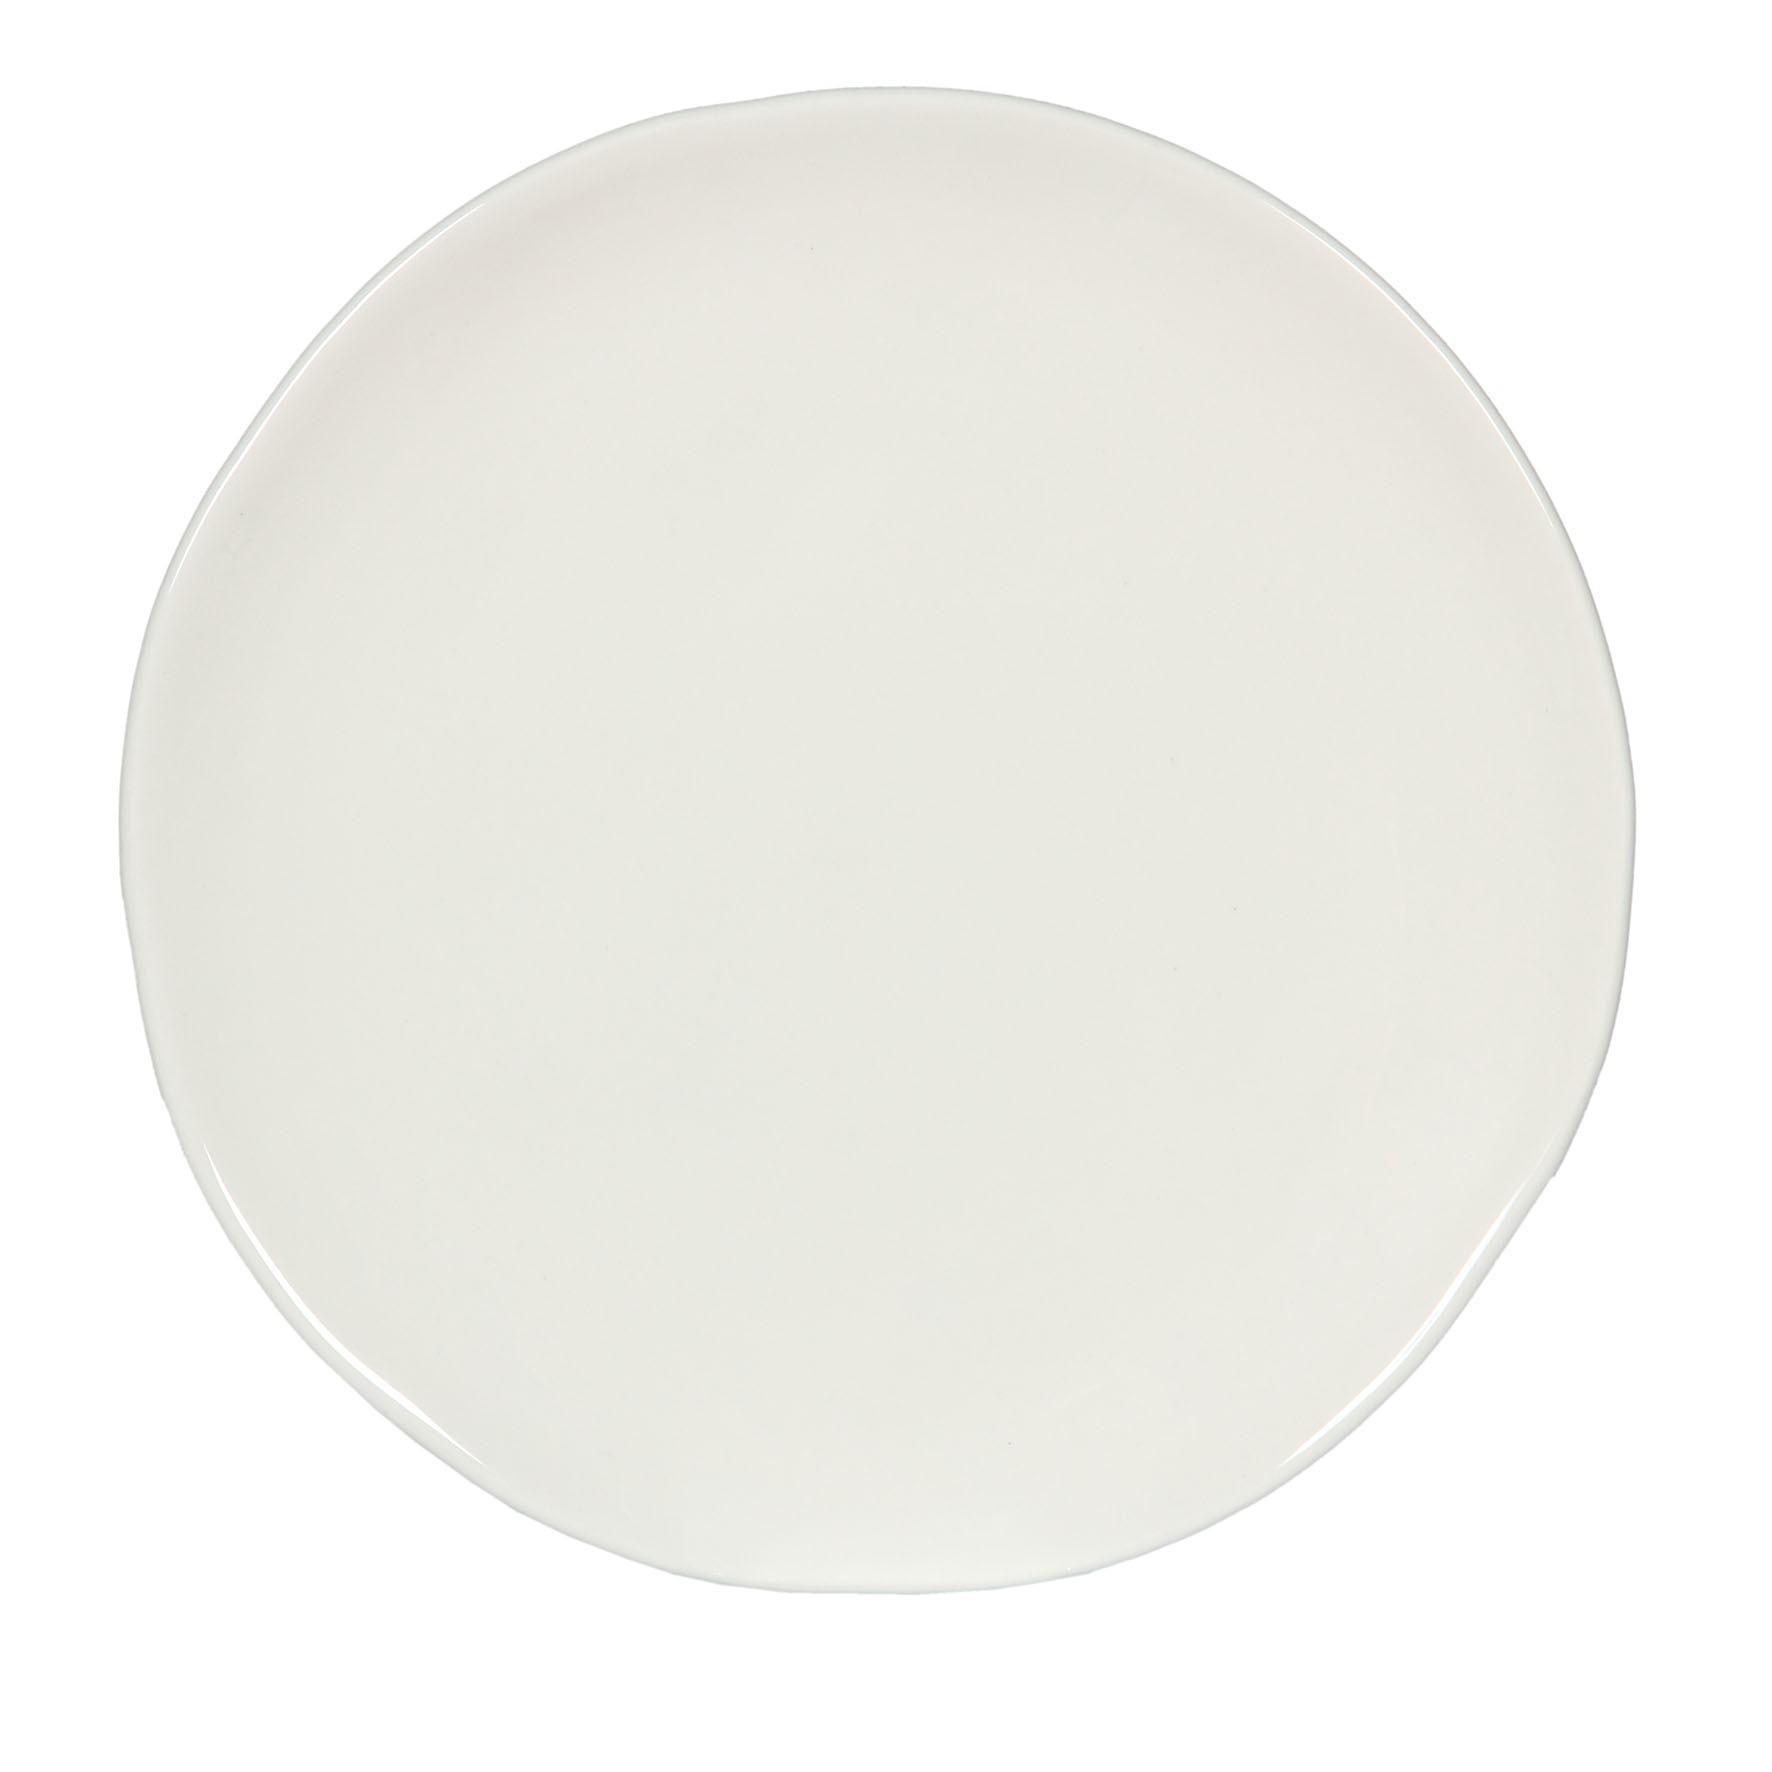 craft assiette plate 28cm faience blanche (par6)